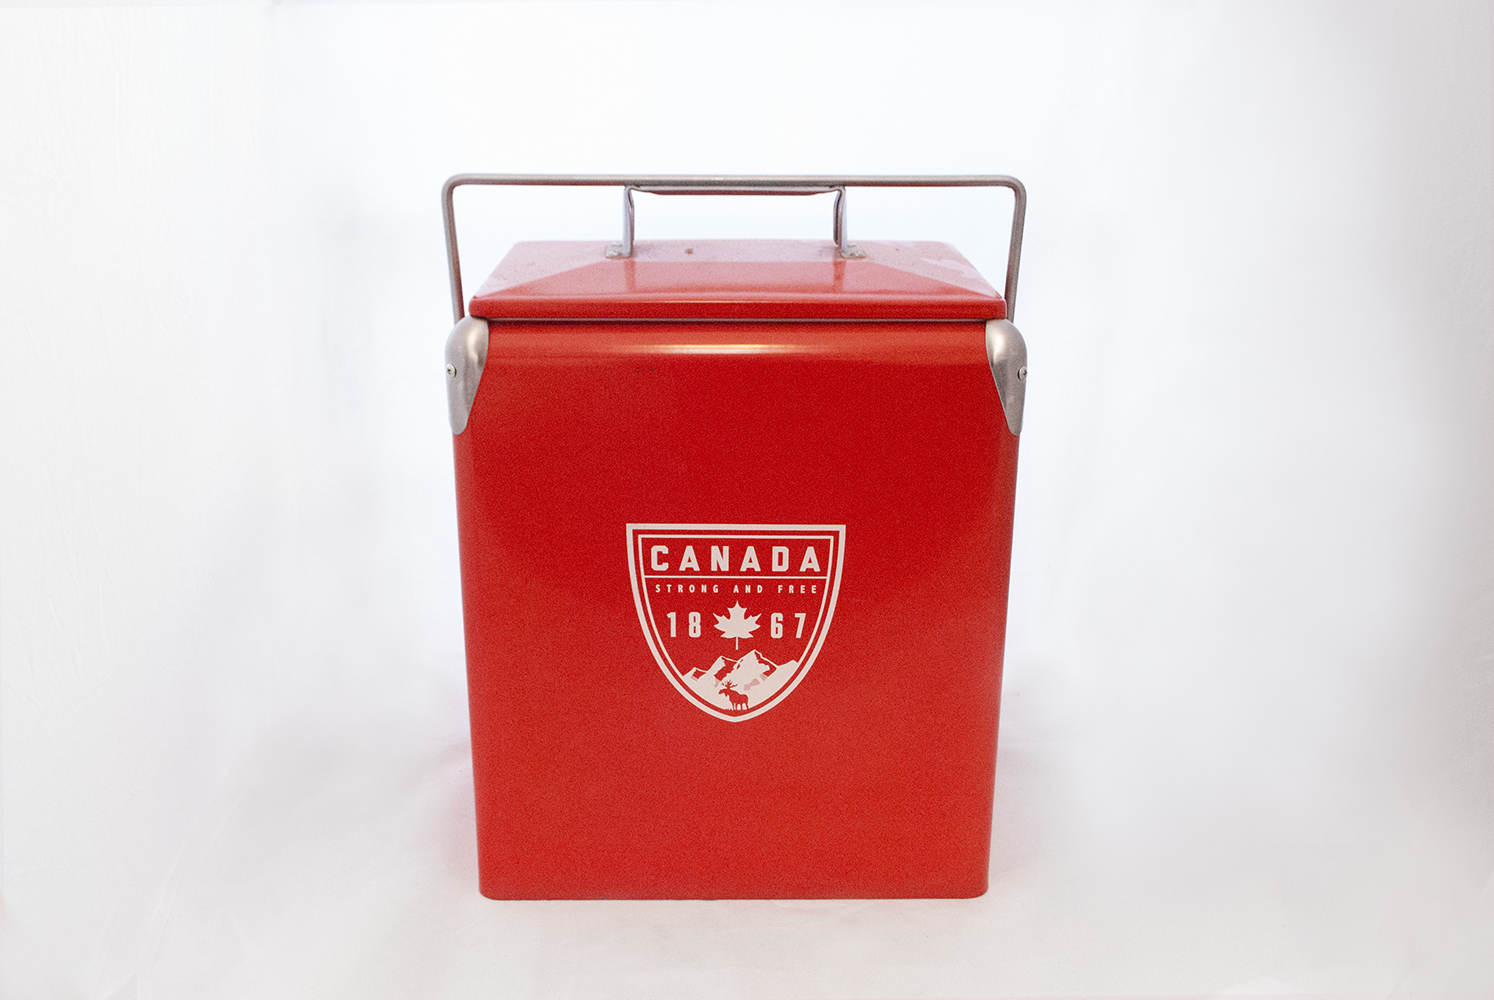 red 'canada' cooler   Quantity: 1  Price: